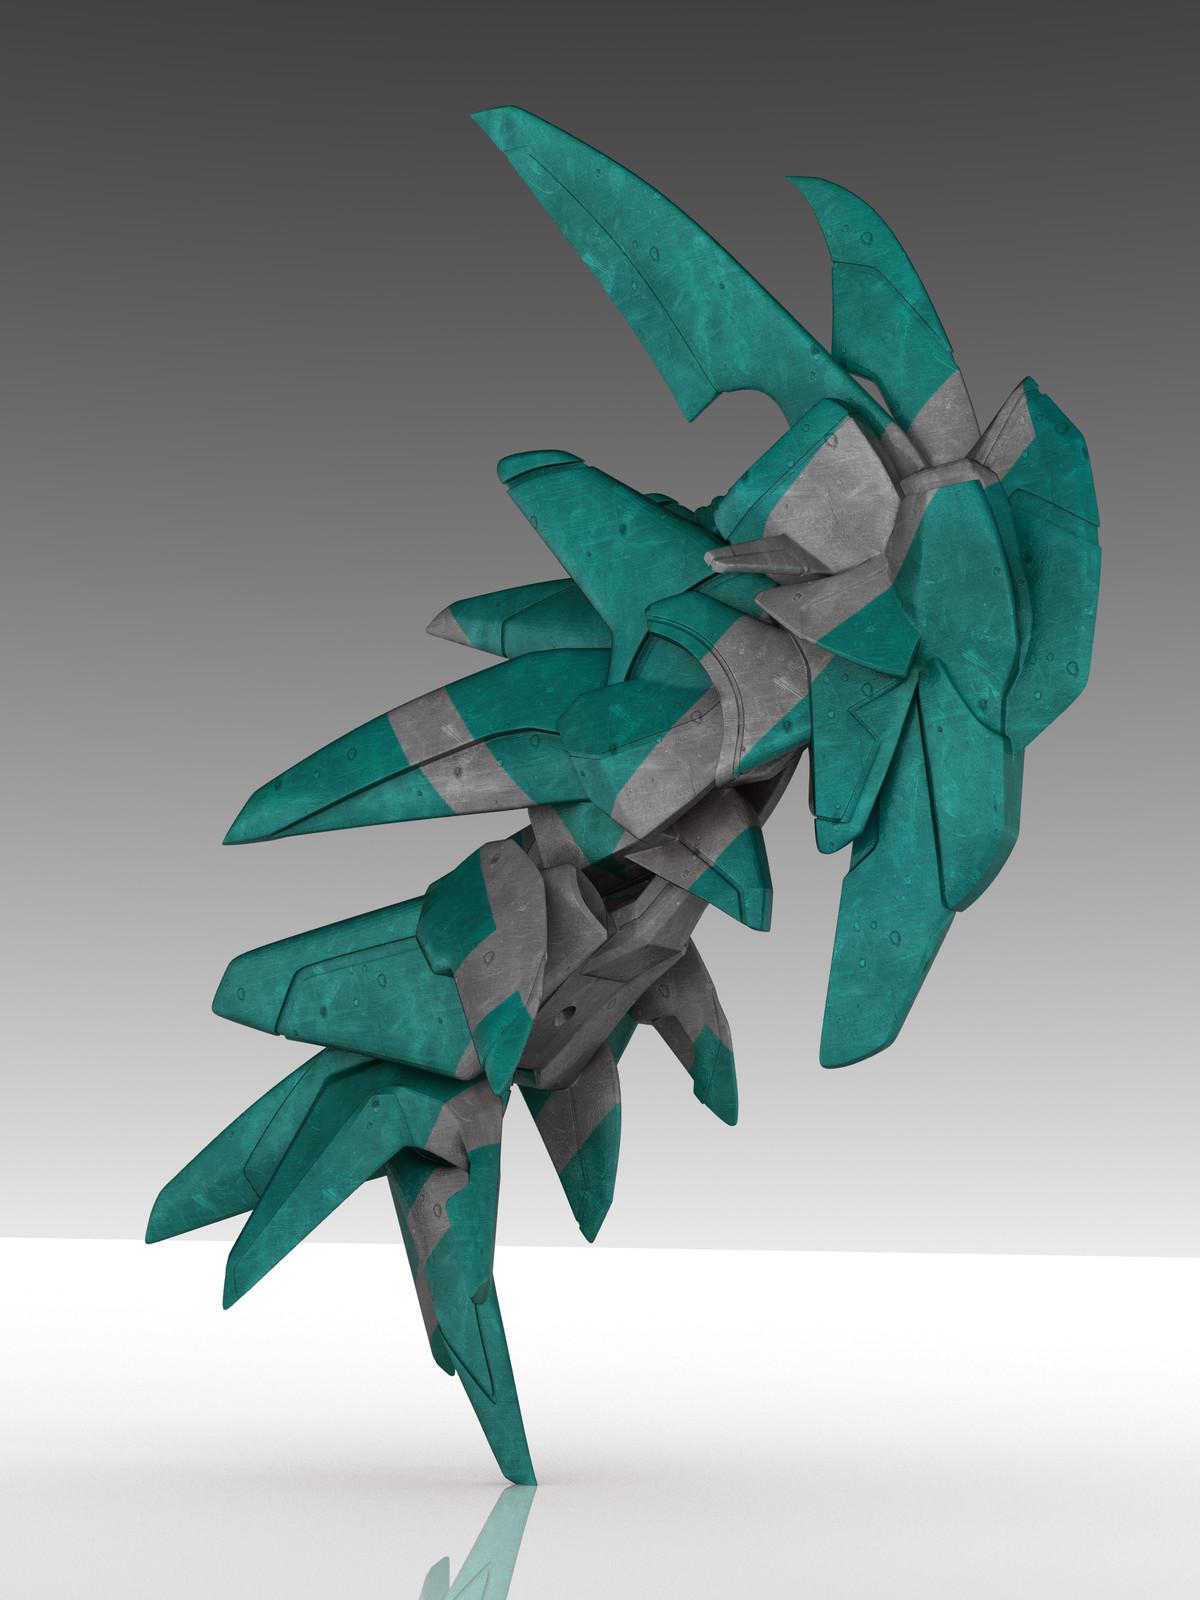 Hornet Green